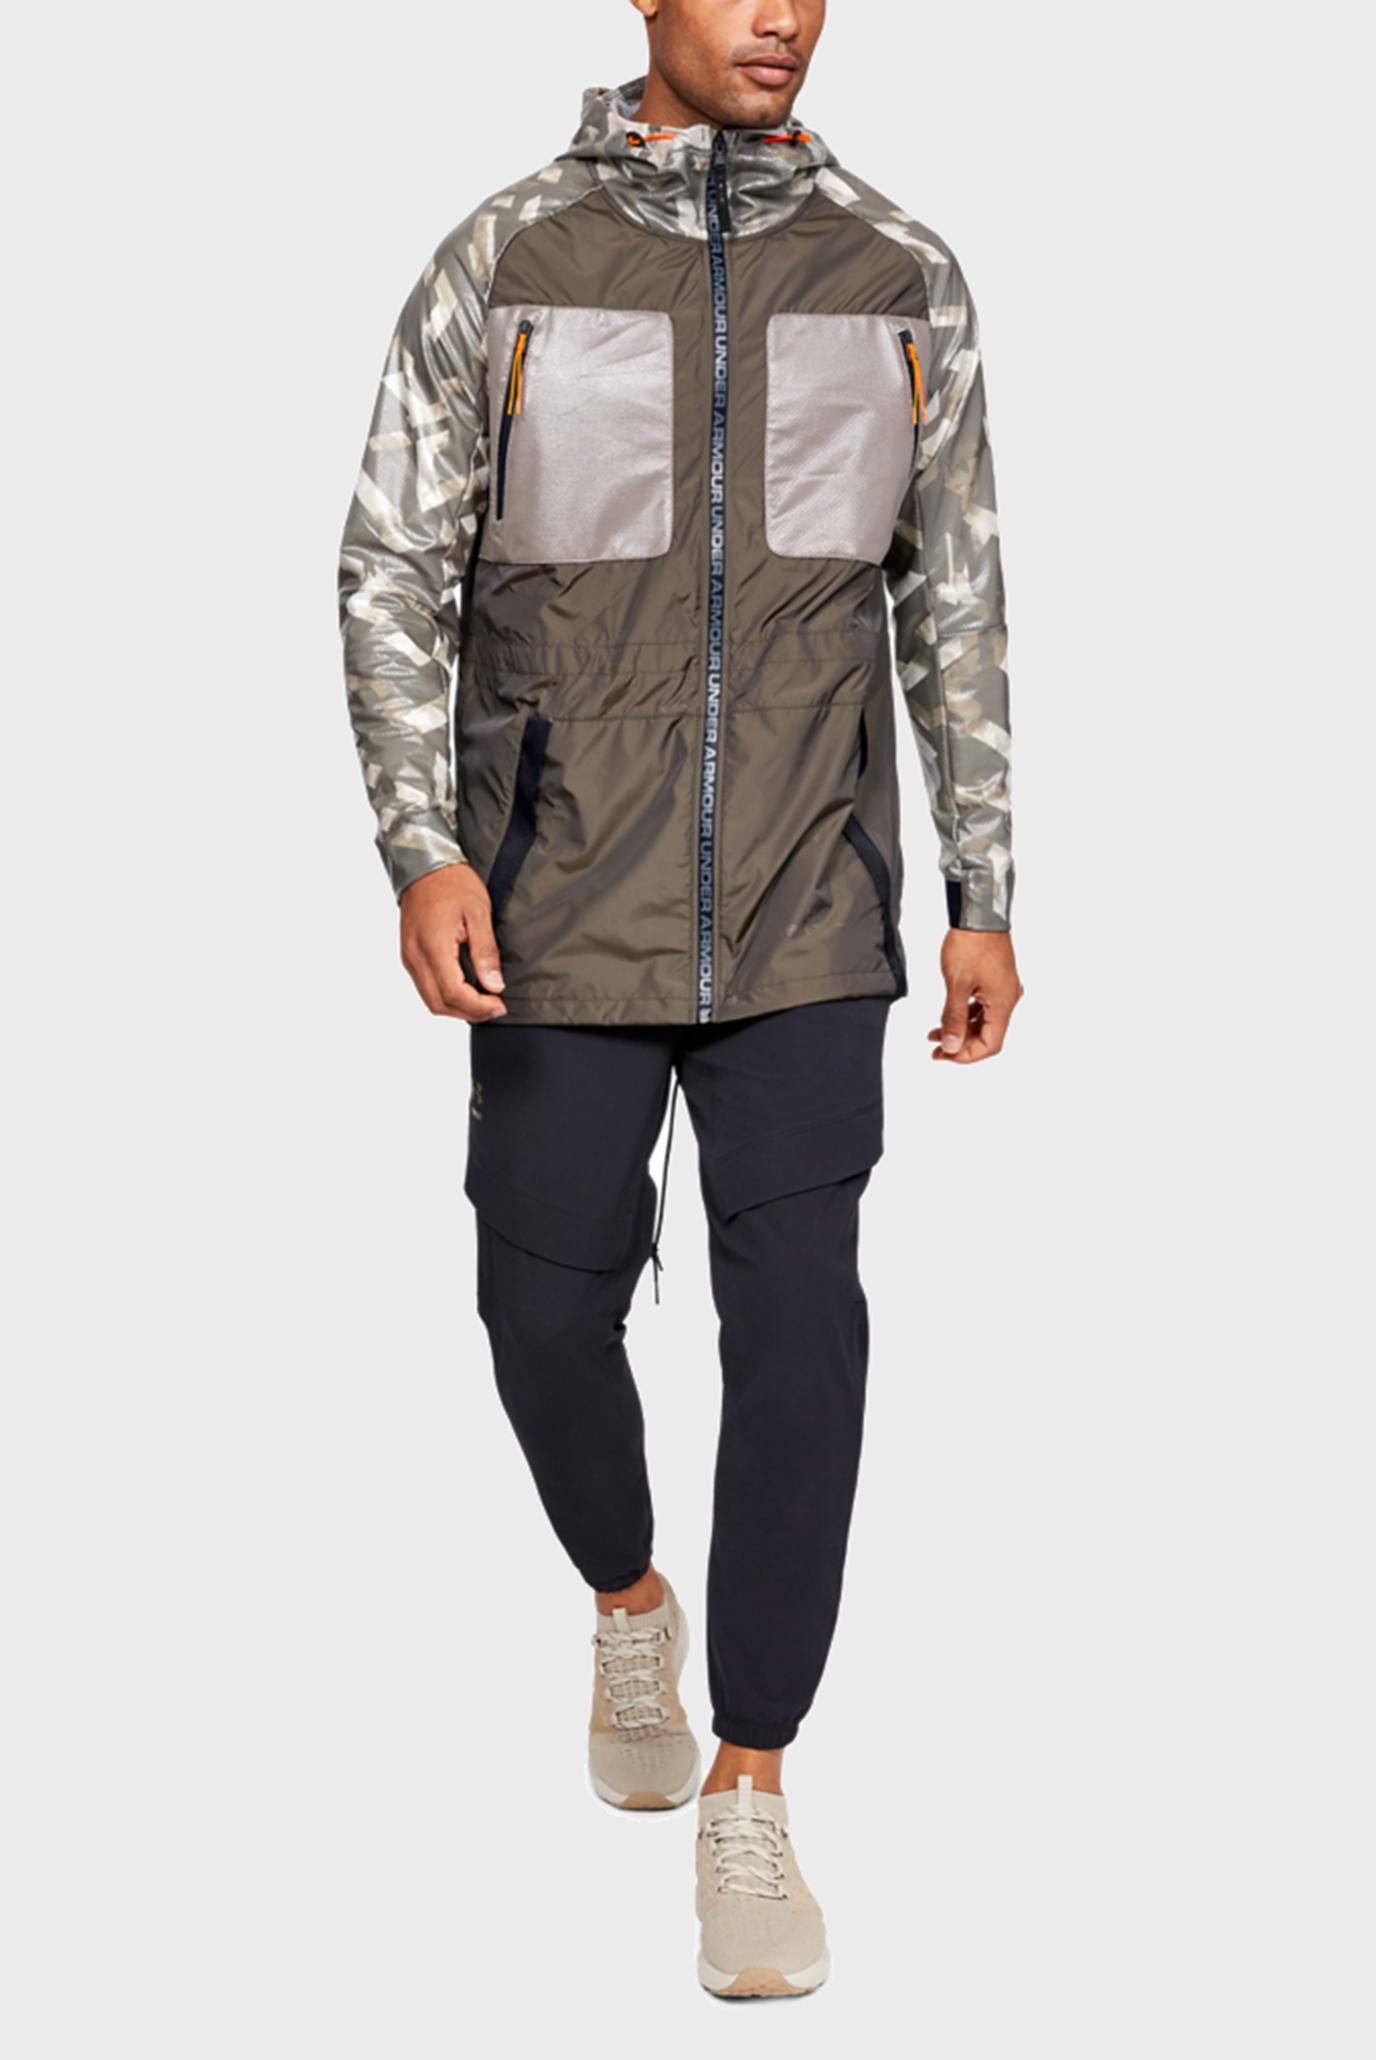 Купить Мужская коричневая парка PERPETUAL PRINT PARKA Under Armour Under Armour 1330961-221 – Киев, Украина. Цены в интернет магазине MD Fashion